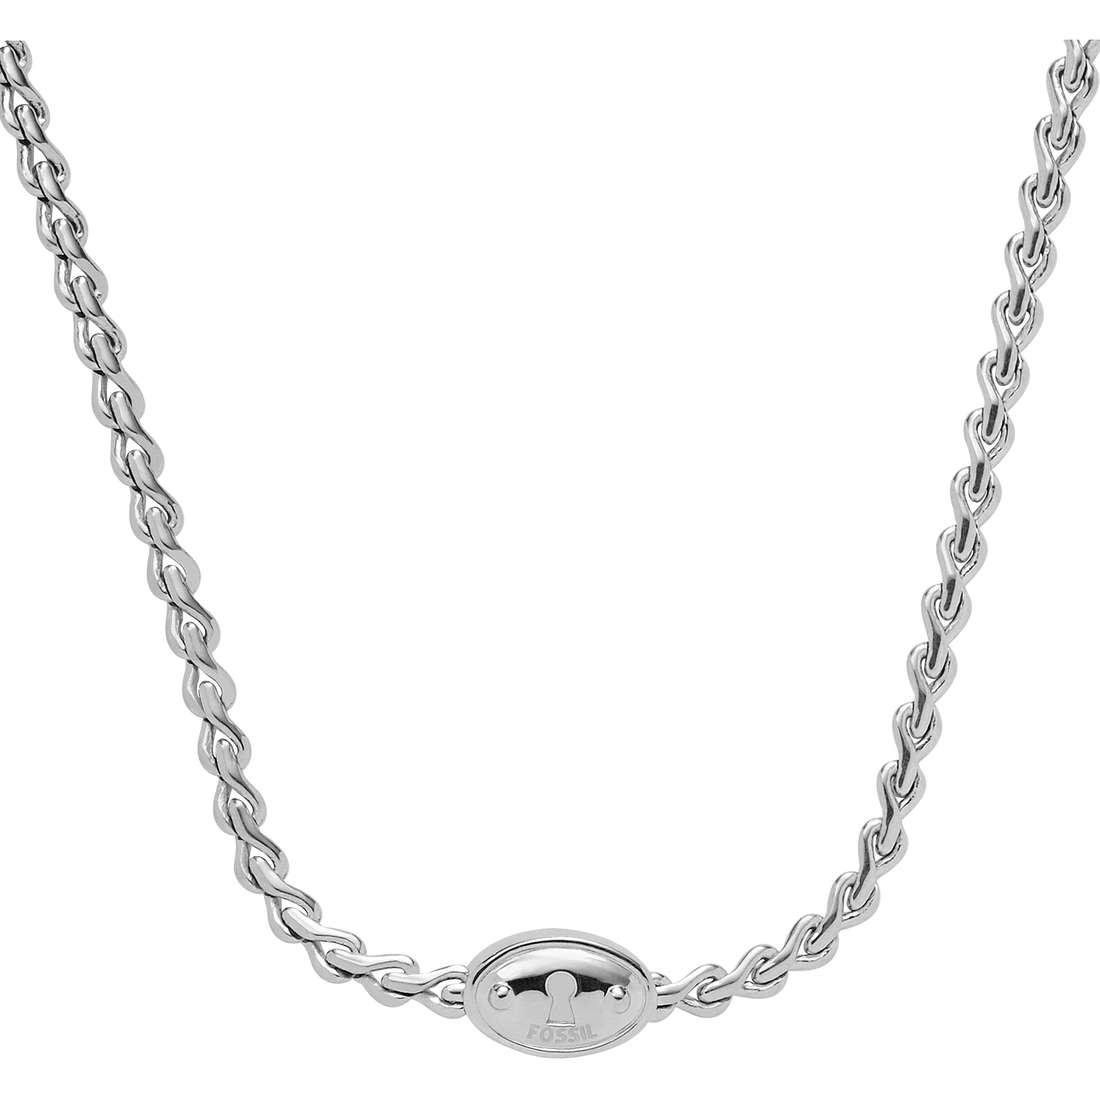 collana donna gioielli Fossil JA5712040